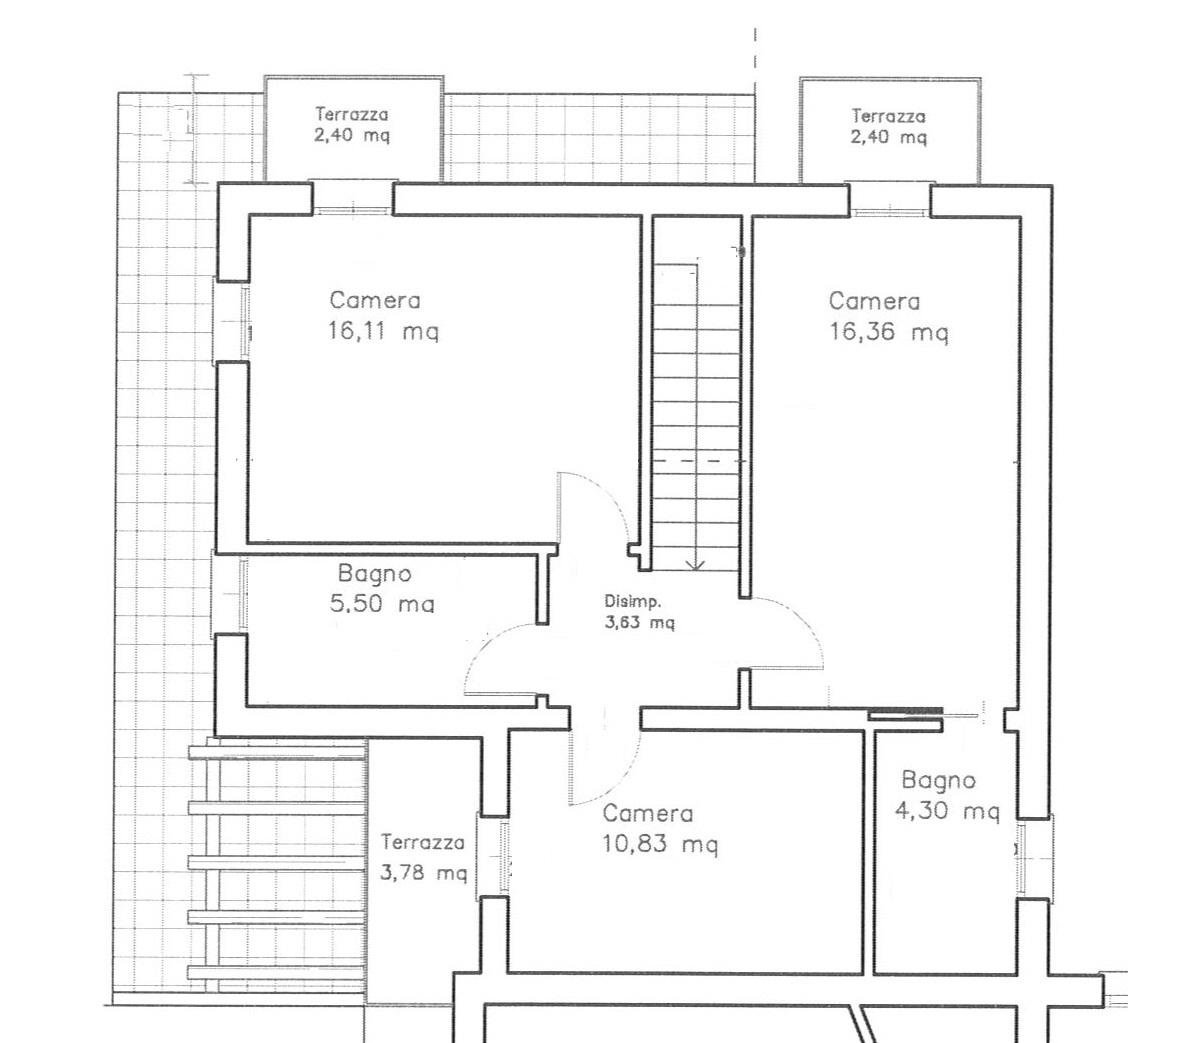 Bifamiliare 3 camere - giardino 200 mq -  SANTANDRA' DI POVEGLIANO (TV)